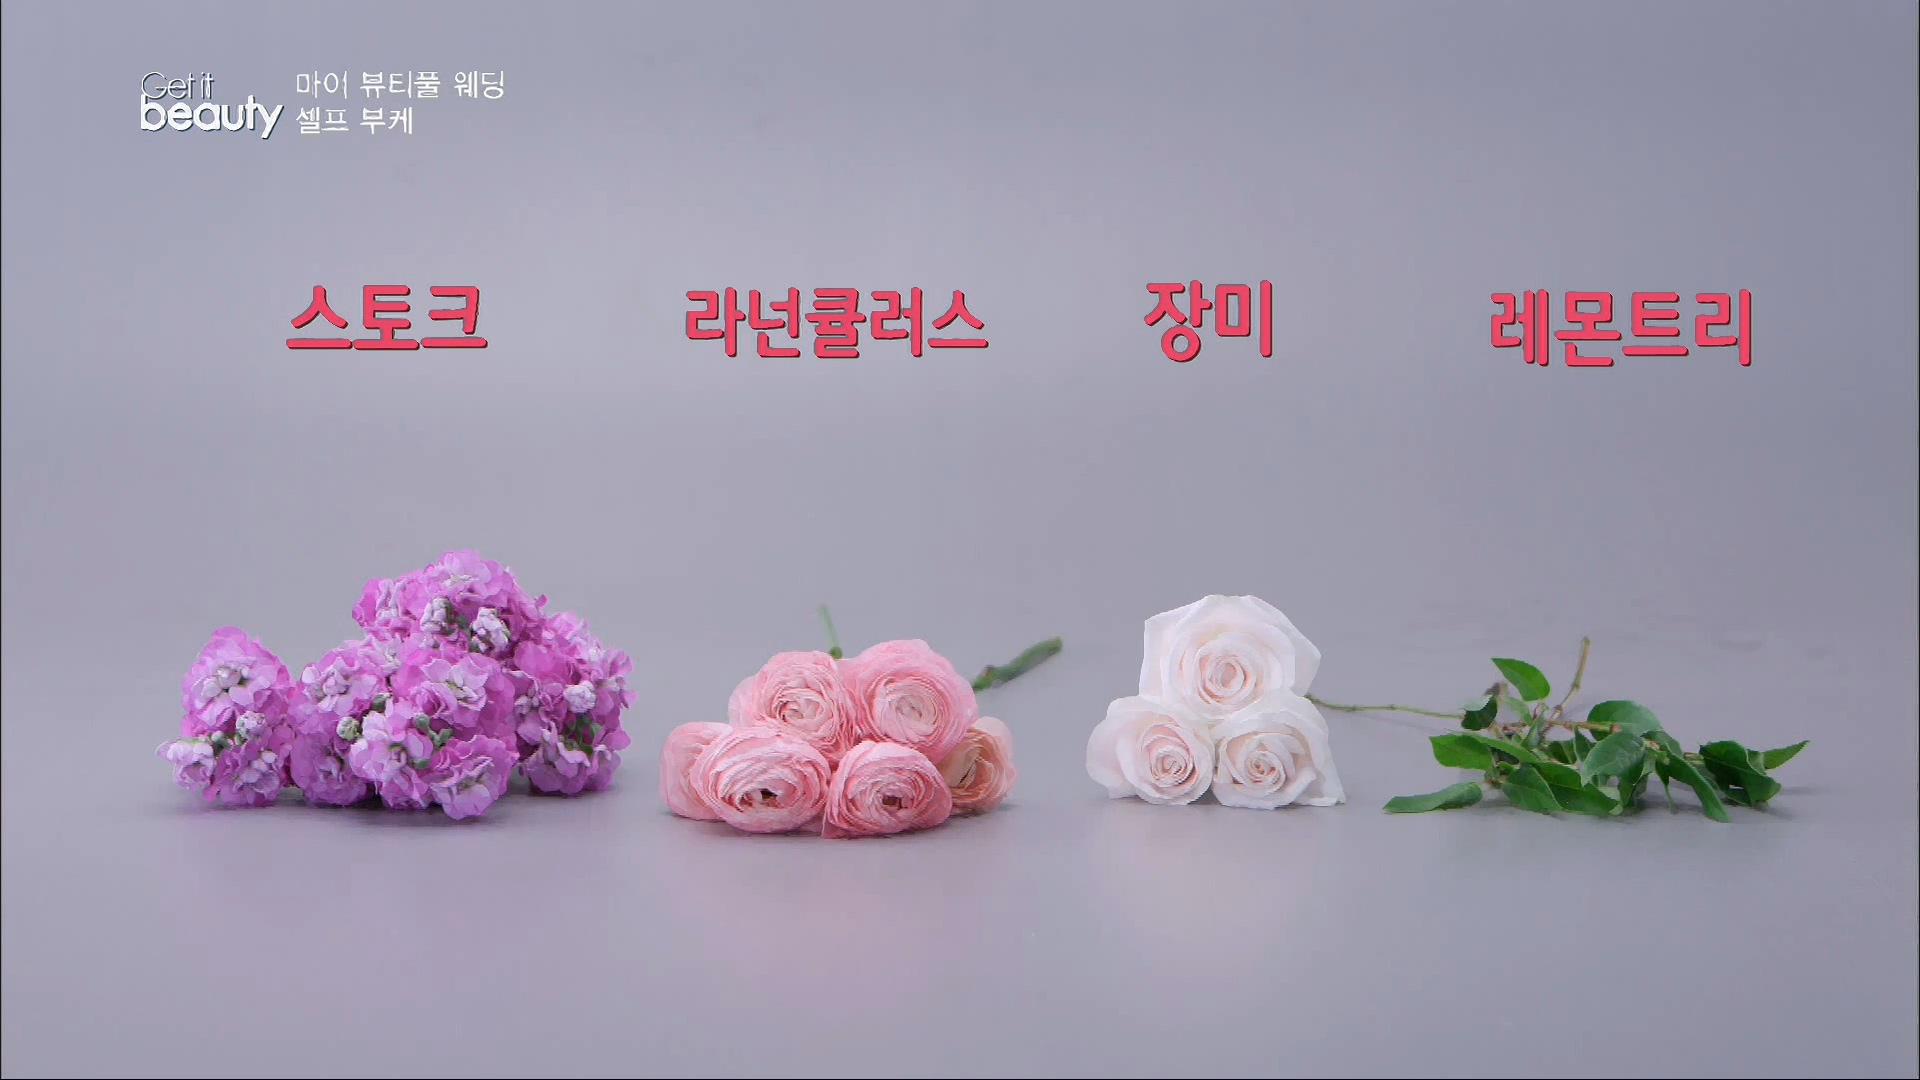 꽃의 종류는 스토크, 라넌큘러스, 장미, 레몬트리예요